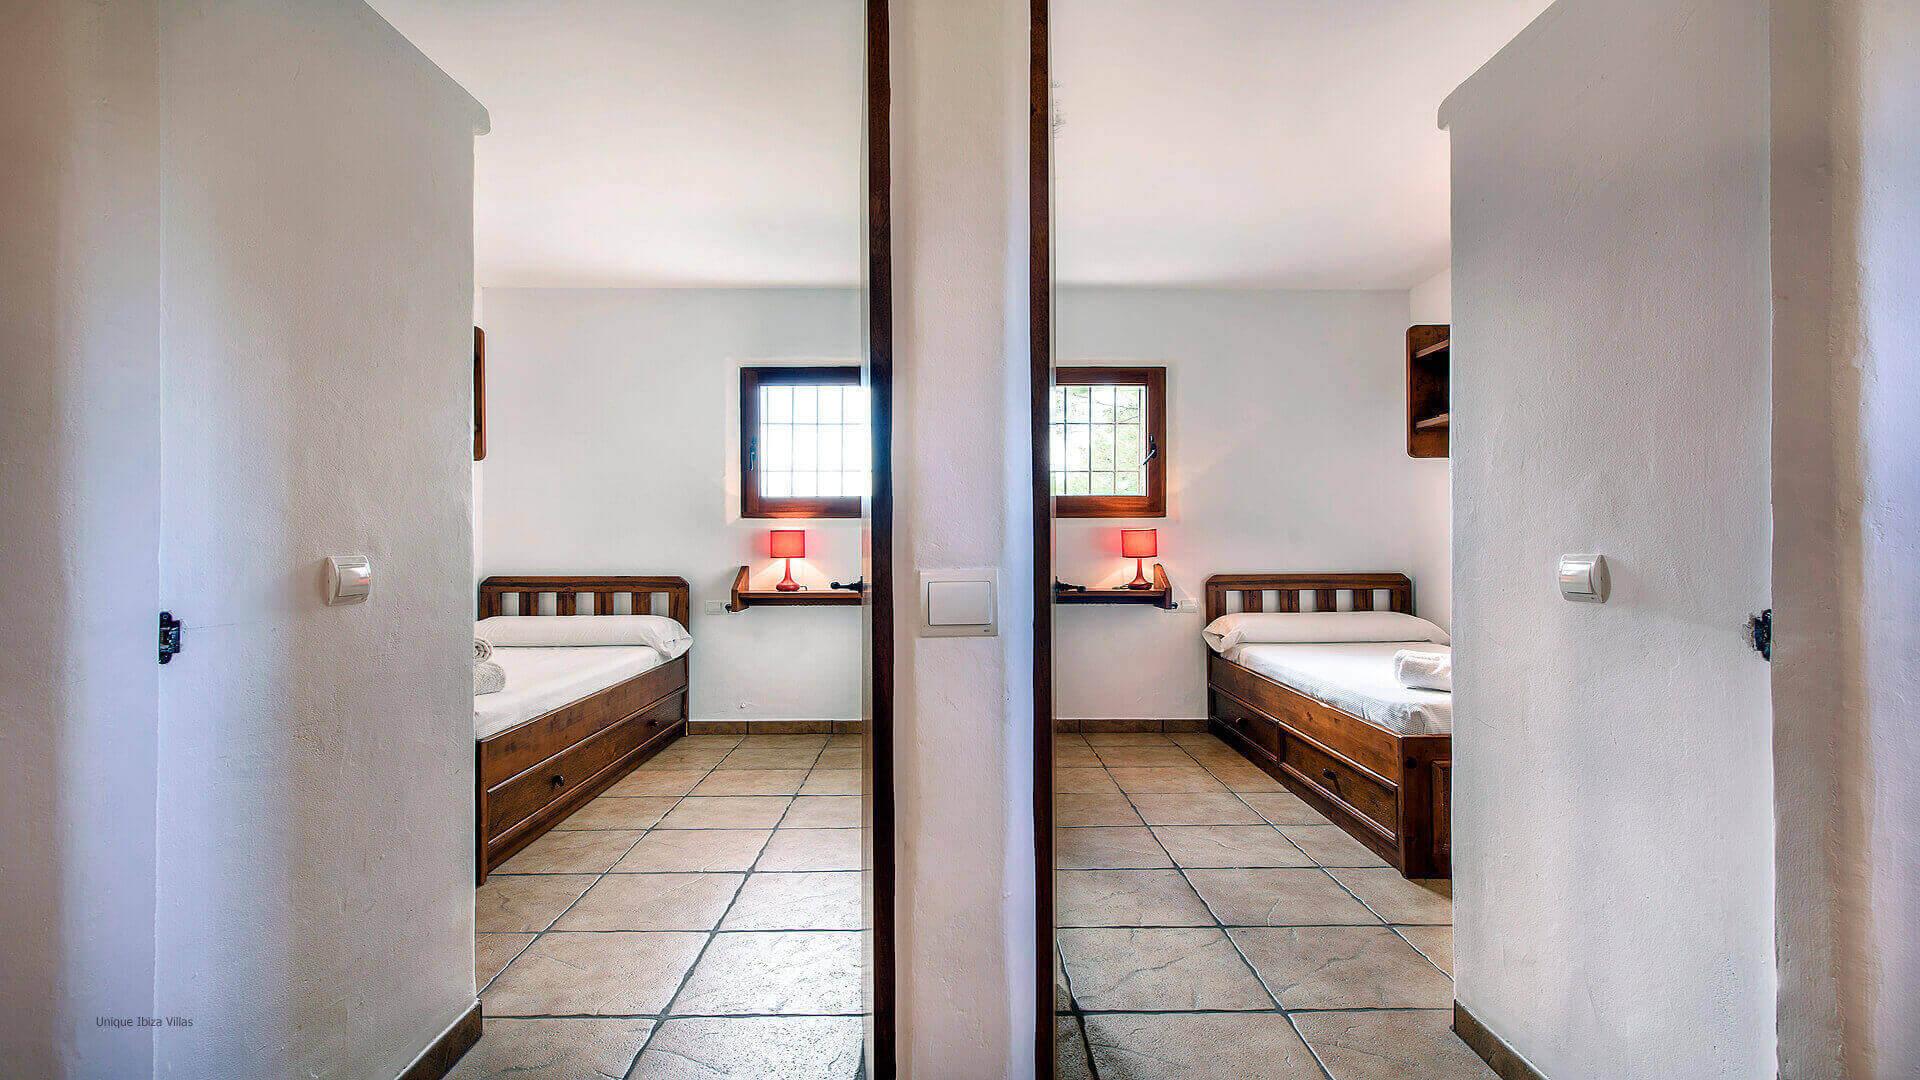 Villa Dalt Sera Ibiza 45 Bedroom 2 And 3